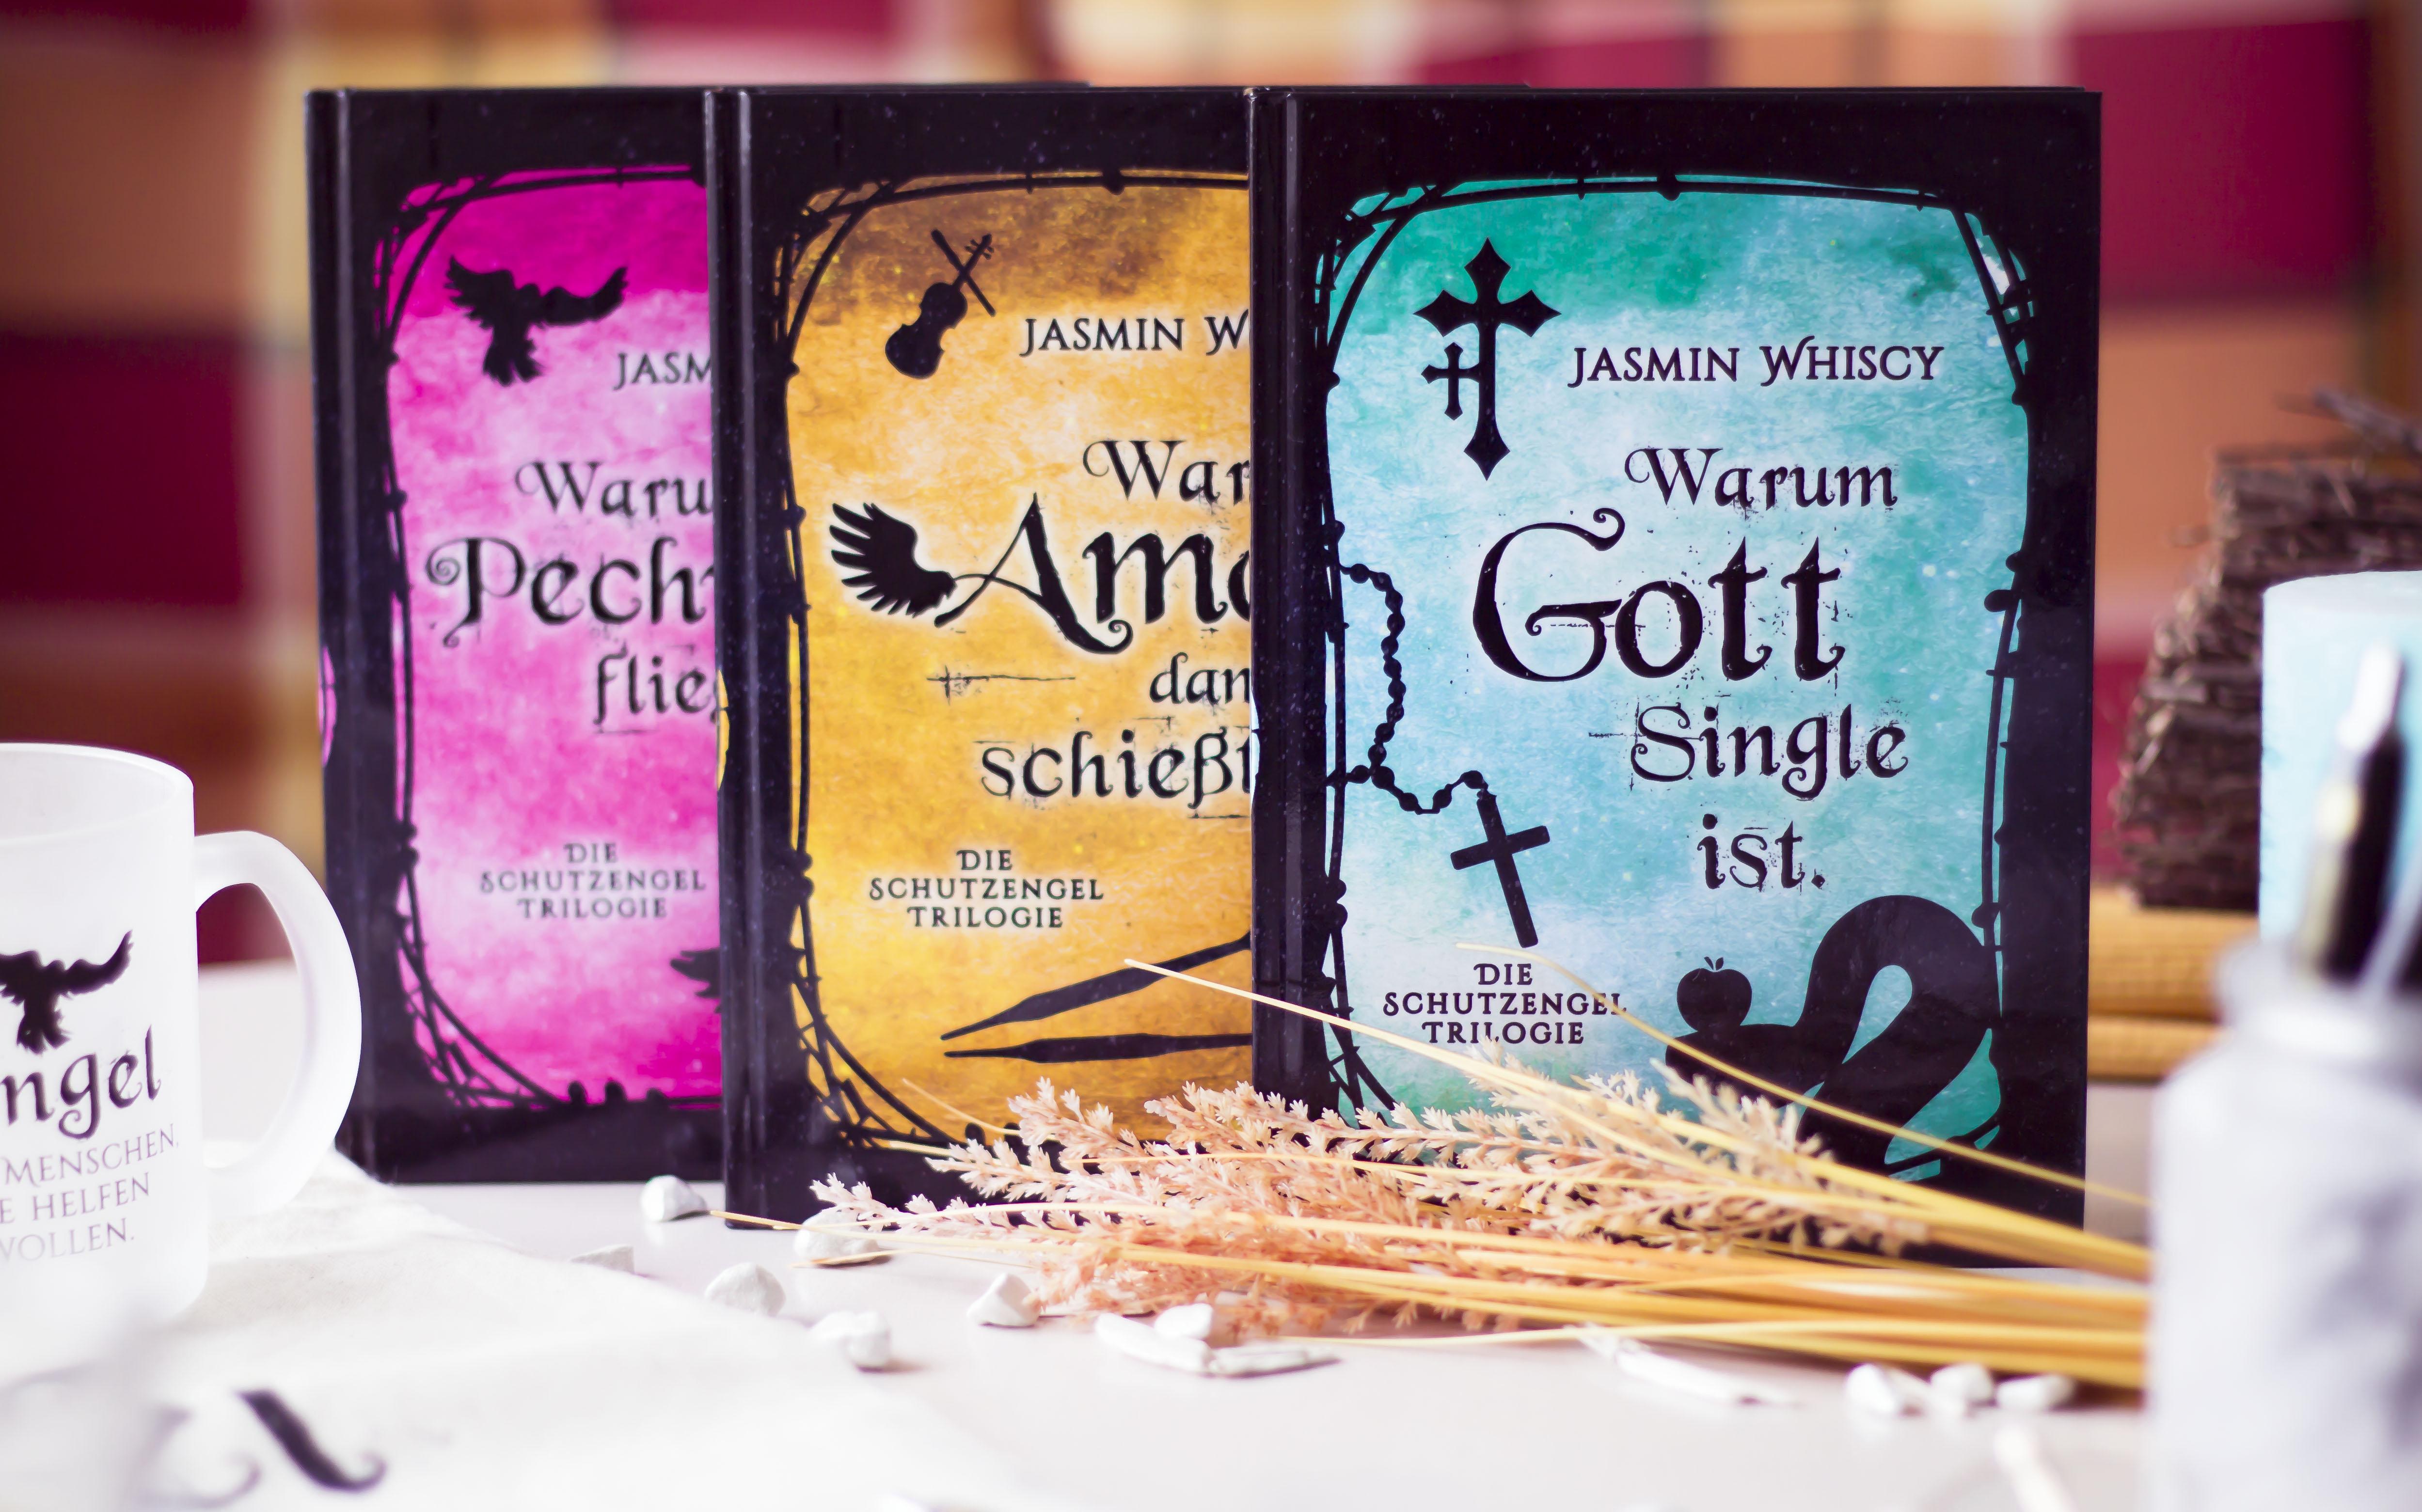 die-schutzengel-trilogie-jasmin-whiscy-jugendbuch-bestseller